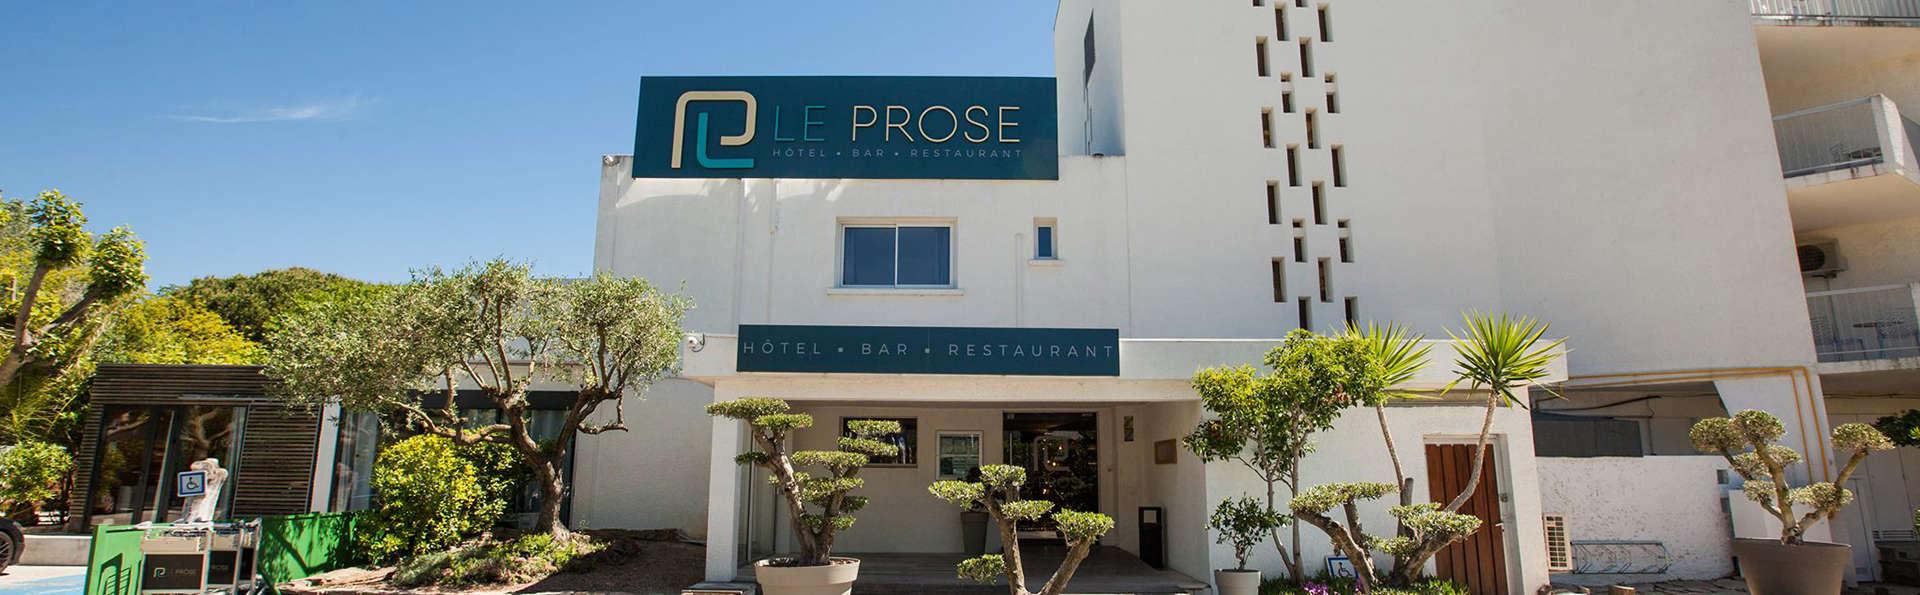 Le Prose Hotel - Edit_Front.jpg